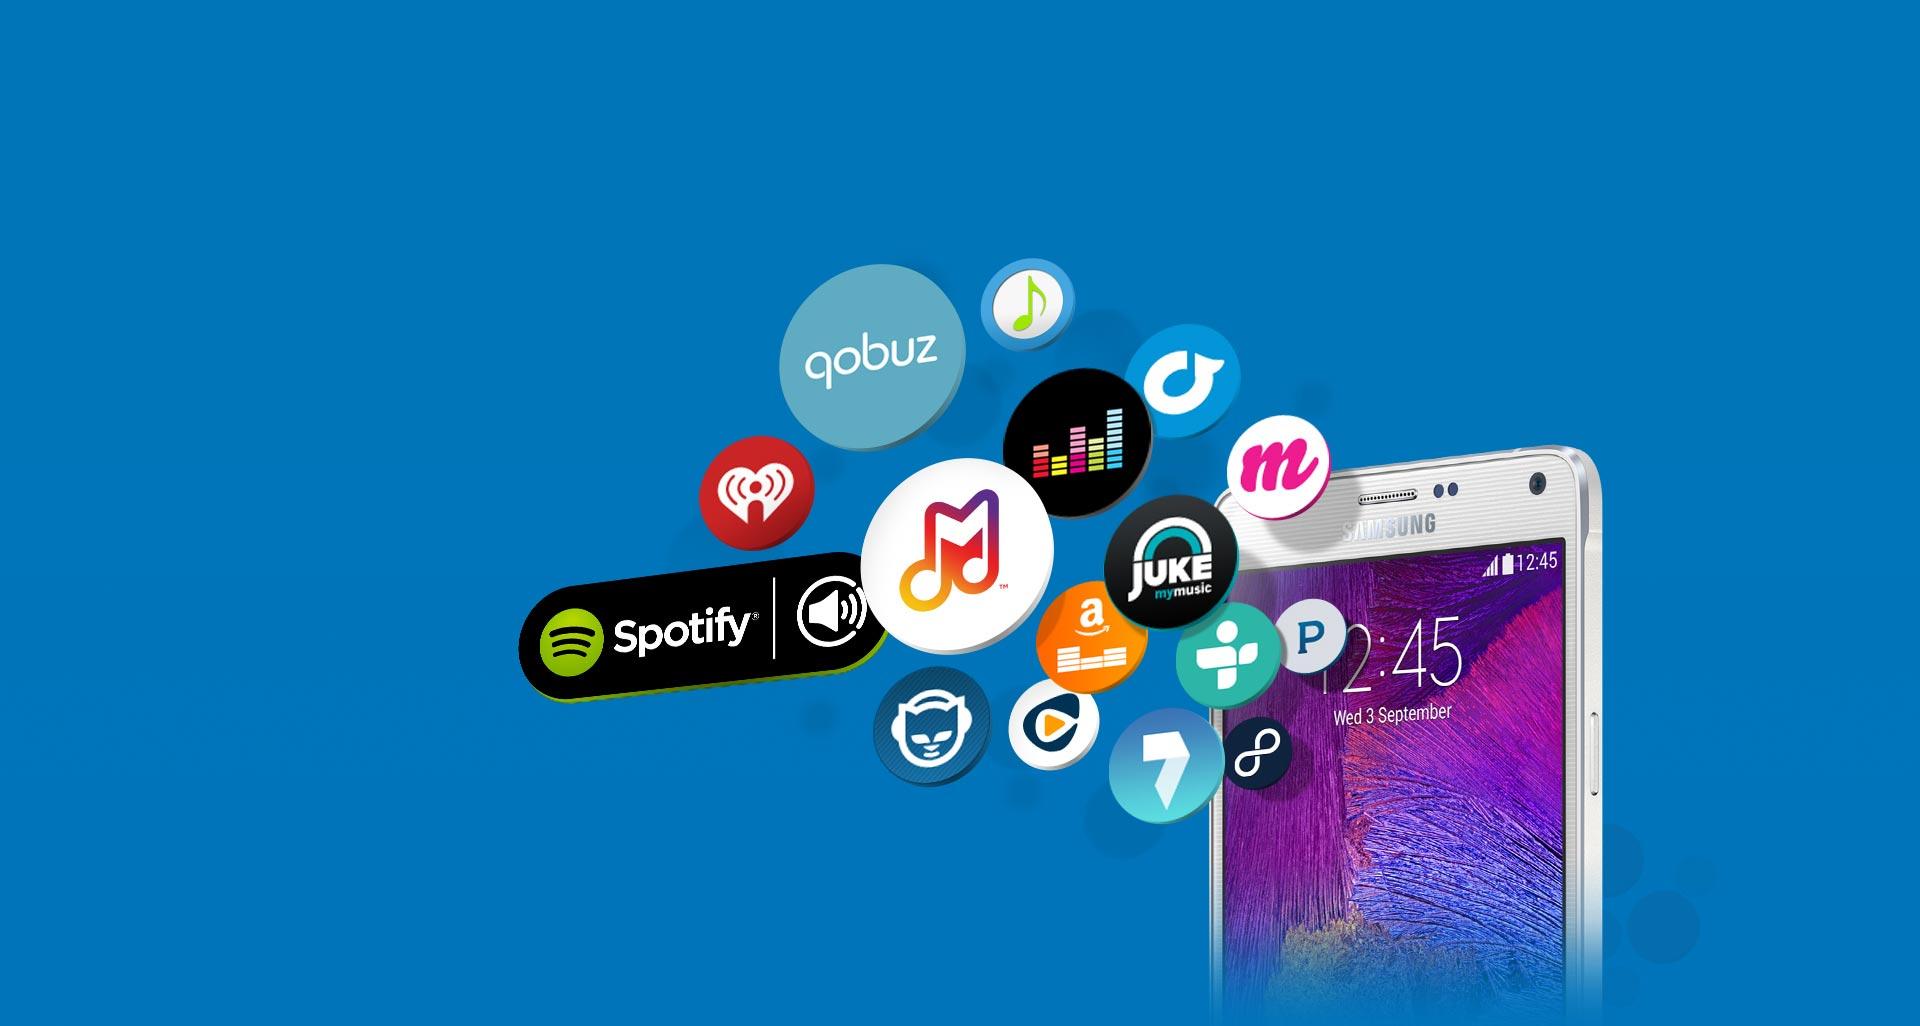 با اسپیکرهای وای- فای از پخش آهنگ های مورد علاقه تان لذت ببرید